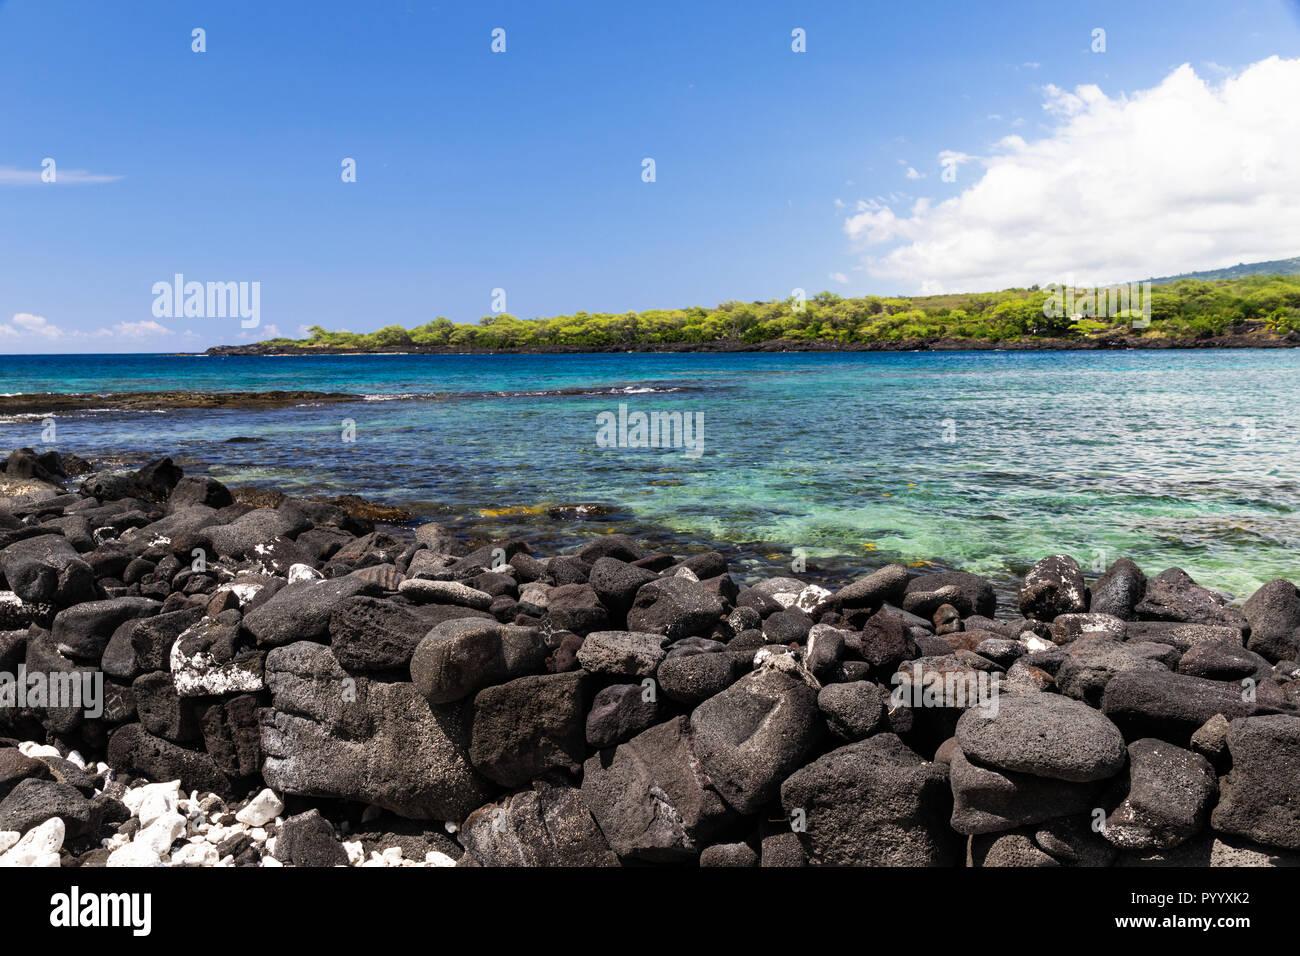 Vista de kealakekua Bay en la isla más grande de Hawai. Cristalinas aguas azul-verde en la costa de Bahía; en segundo plano Foto de stock